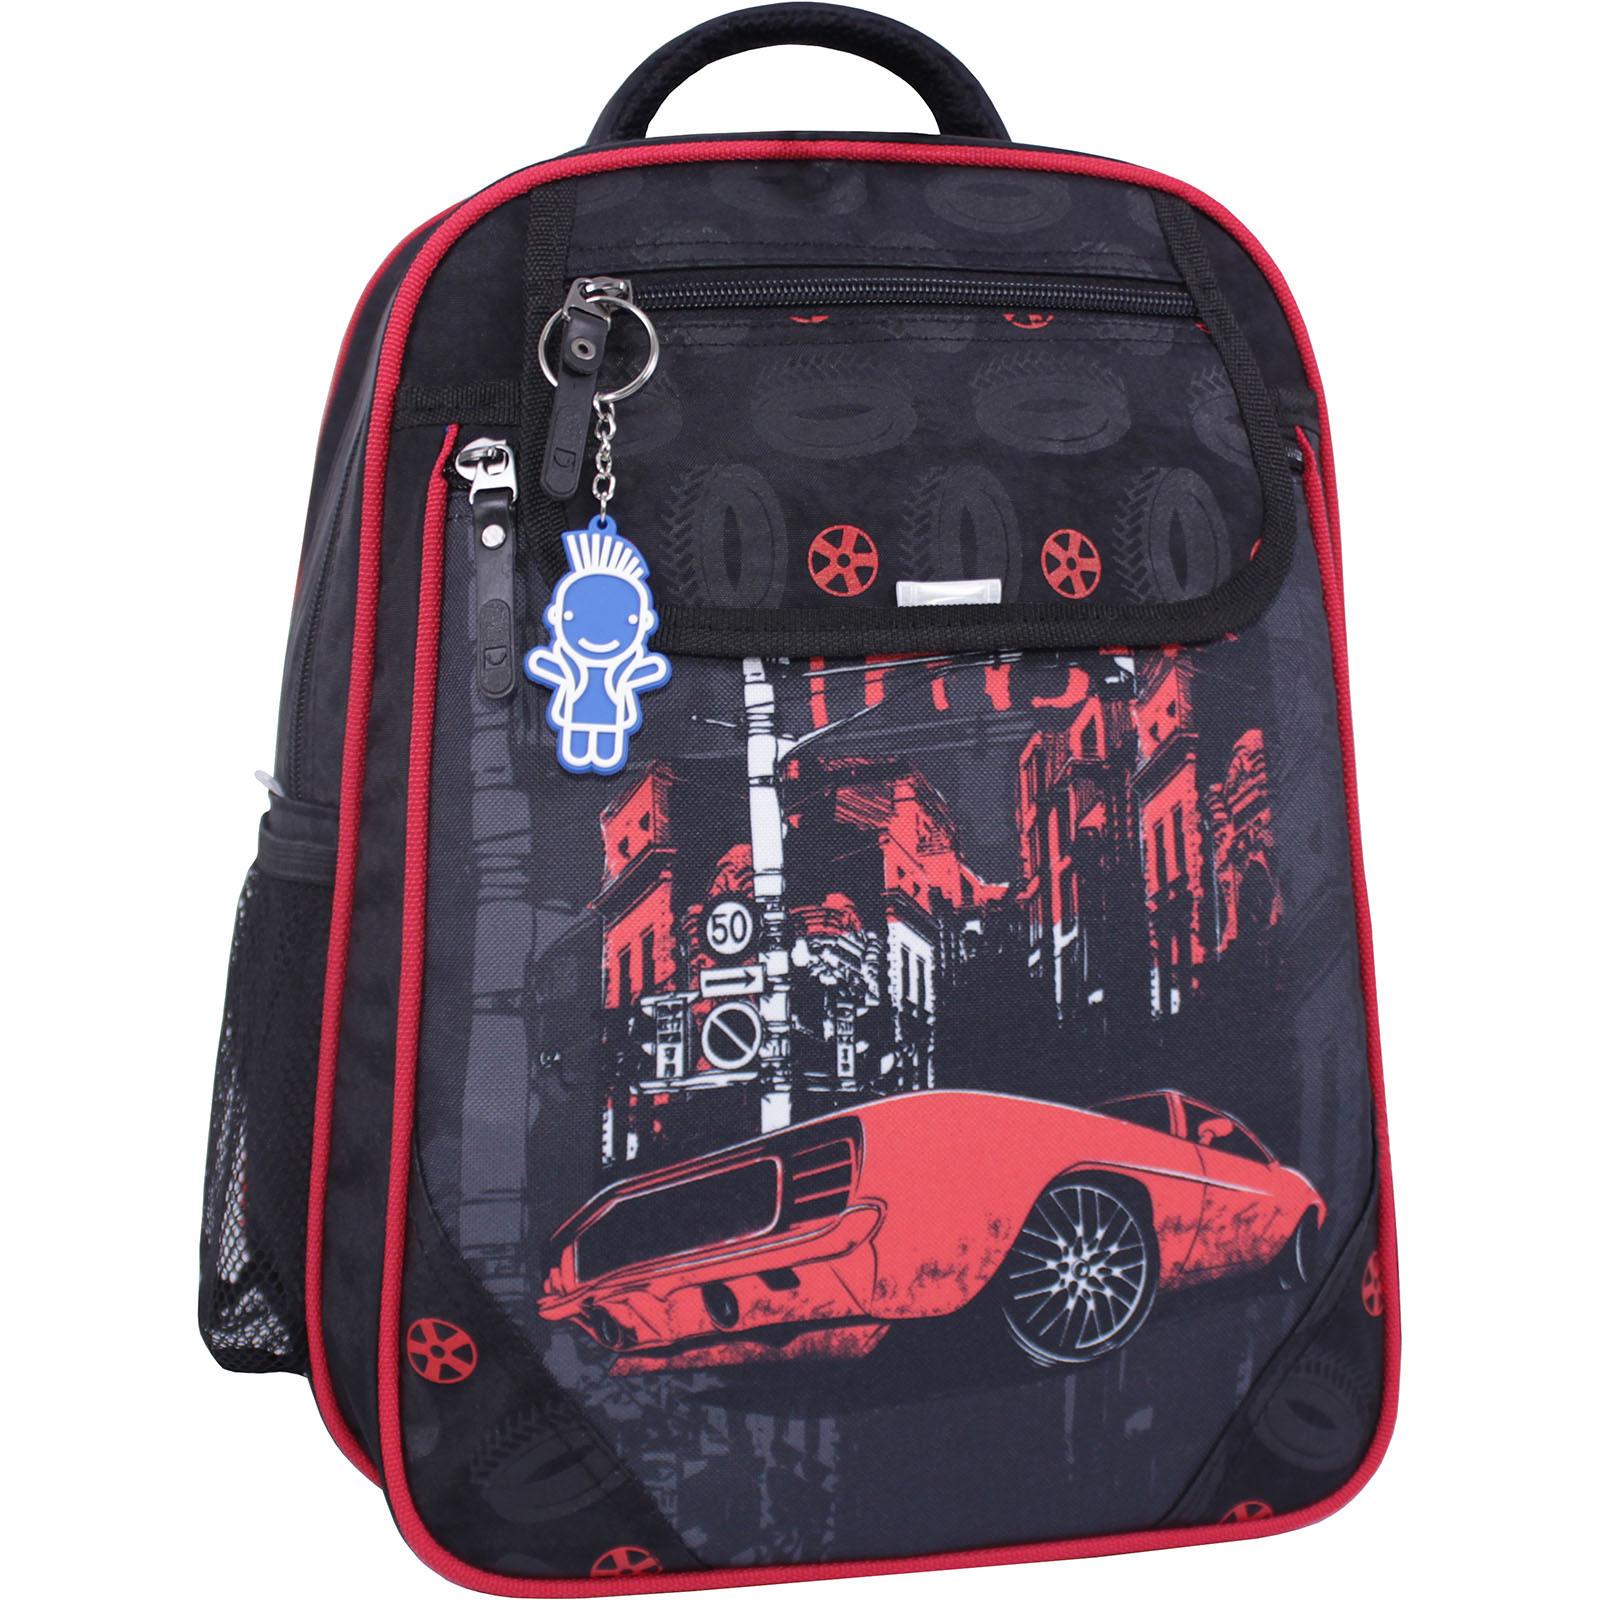 Детские рюкзаки Рюкзак школьный Bagland Отличник 20 л. черный 568 (0058070) IMG_1205_суб.568_.JPG